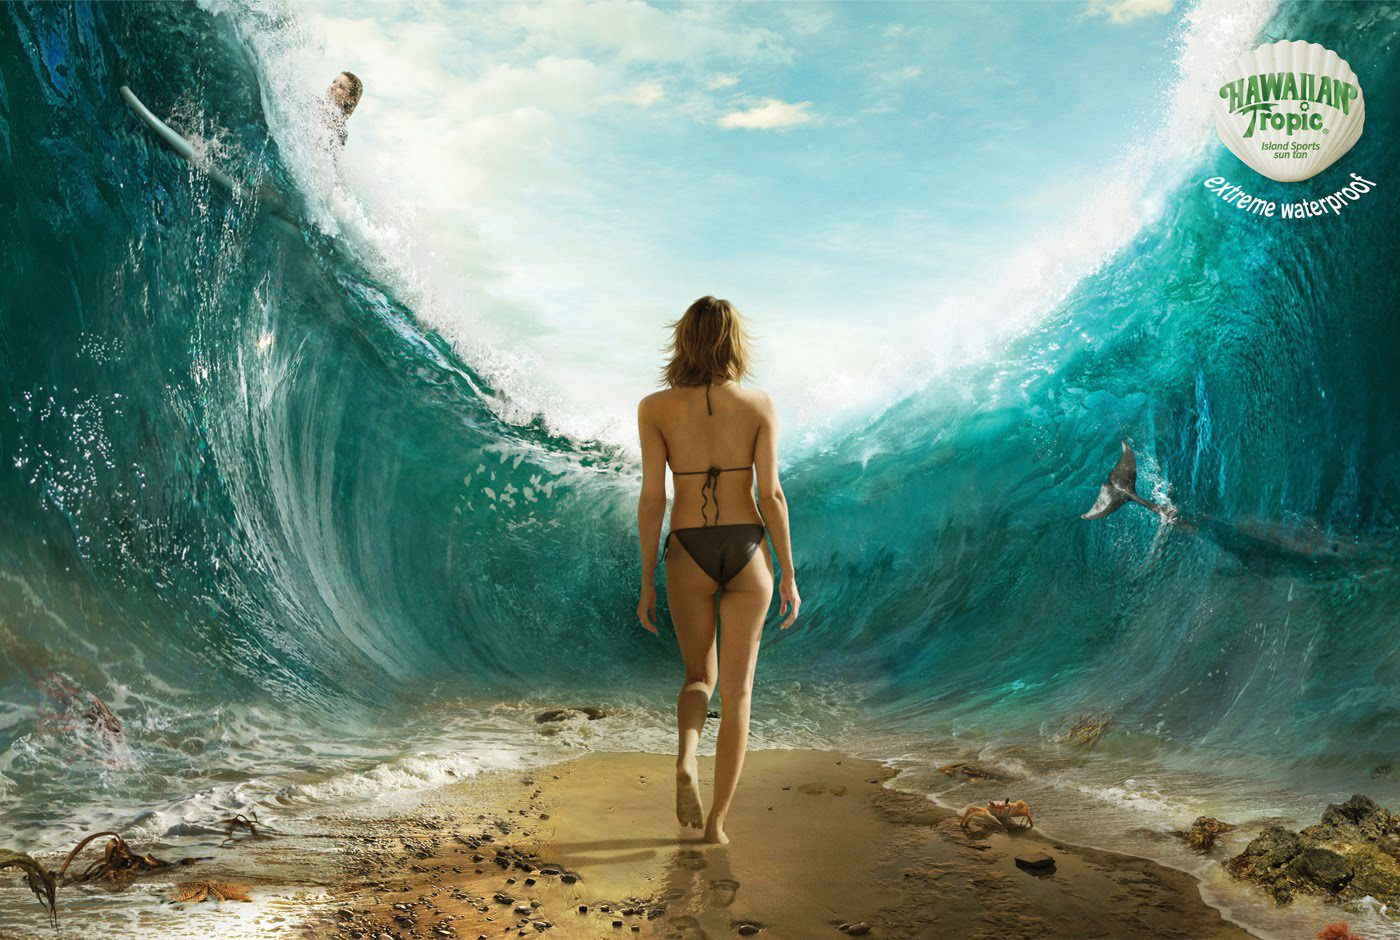 anúncio Extreme Waterproof da Hawaiian Tropic